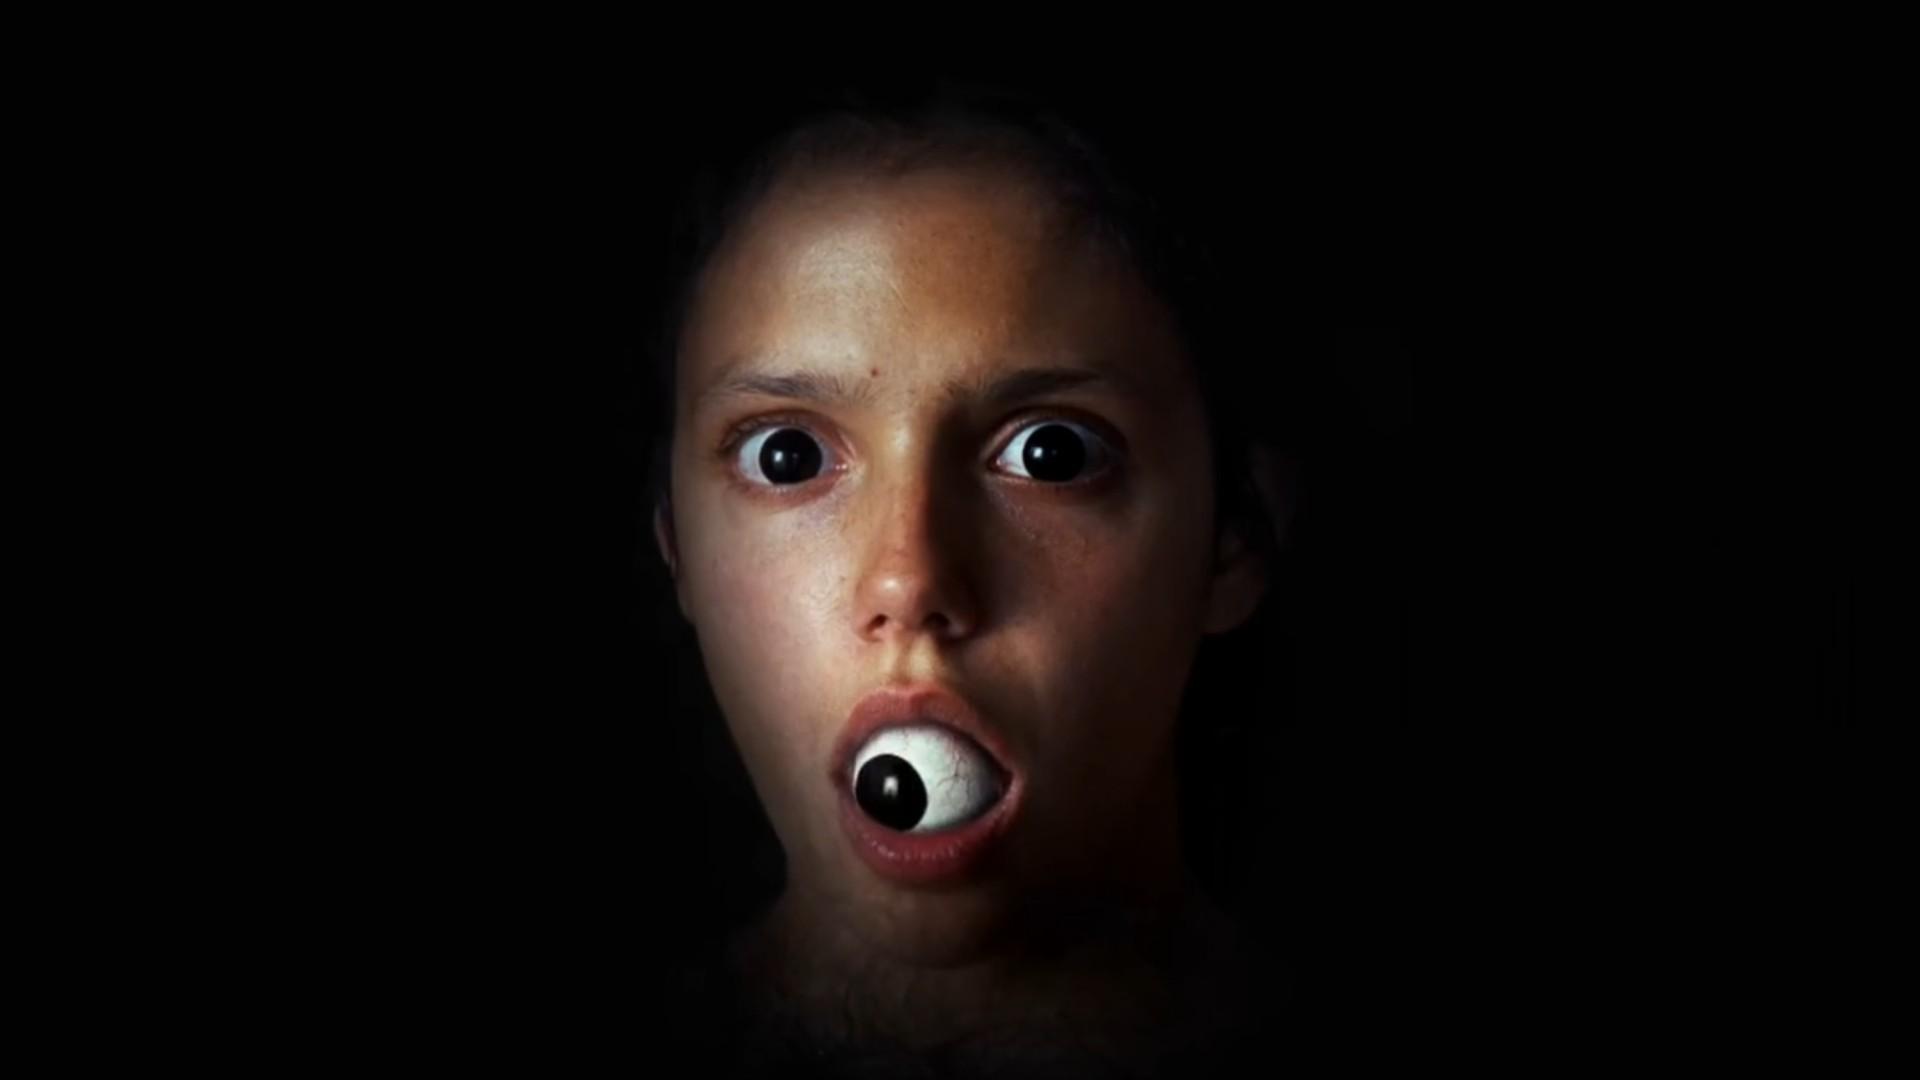 dziewczyna z okiem w buzi